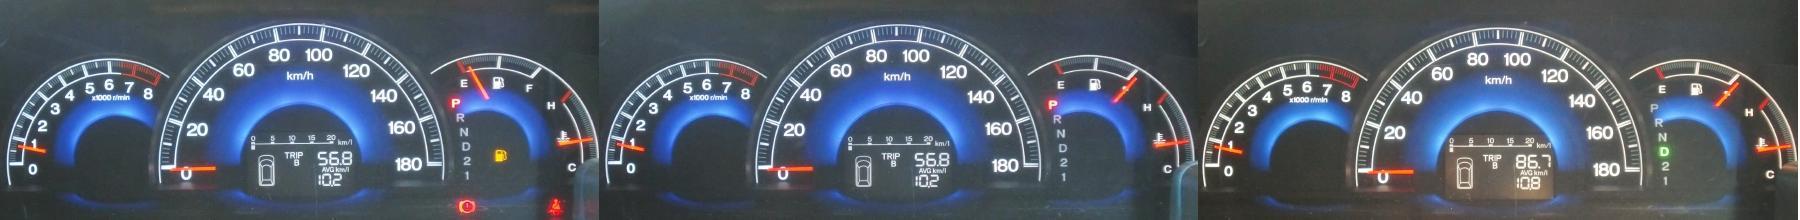 久々に、日中(9時30分出発、2箇所で1~2時間駐車、ガソリンを給油、15時帰宅。行きに神立工業団地付近で数Kmの渋滞に巻き込まれました。)の一般道の燃費を計測しました。